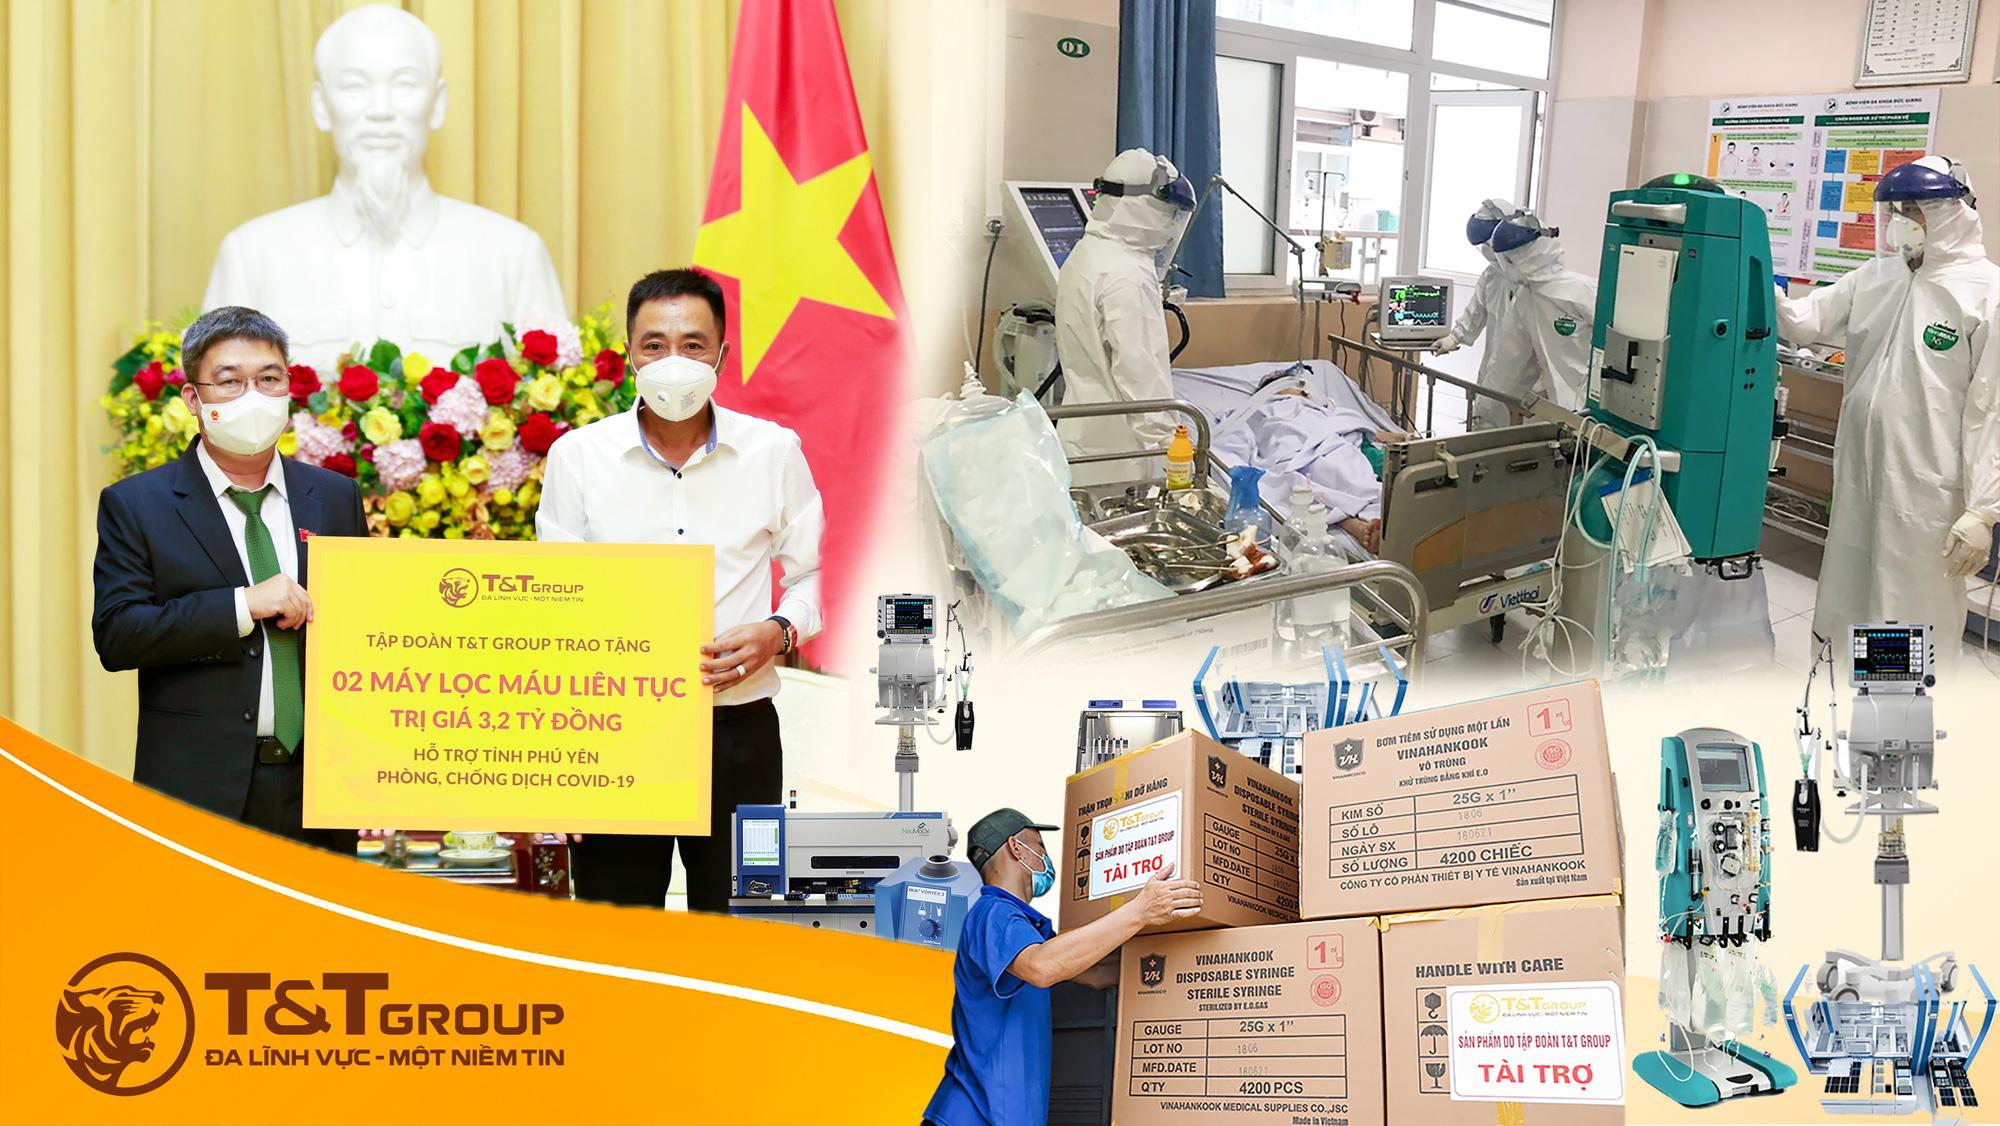 T&T Group tài trợ 20 tỷ đồng mua trang thiết bị y tế giúp một số địa phương phòng, chống dịch COVID-19 - Ảnh 2.